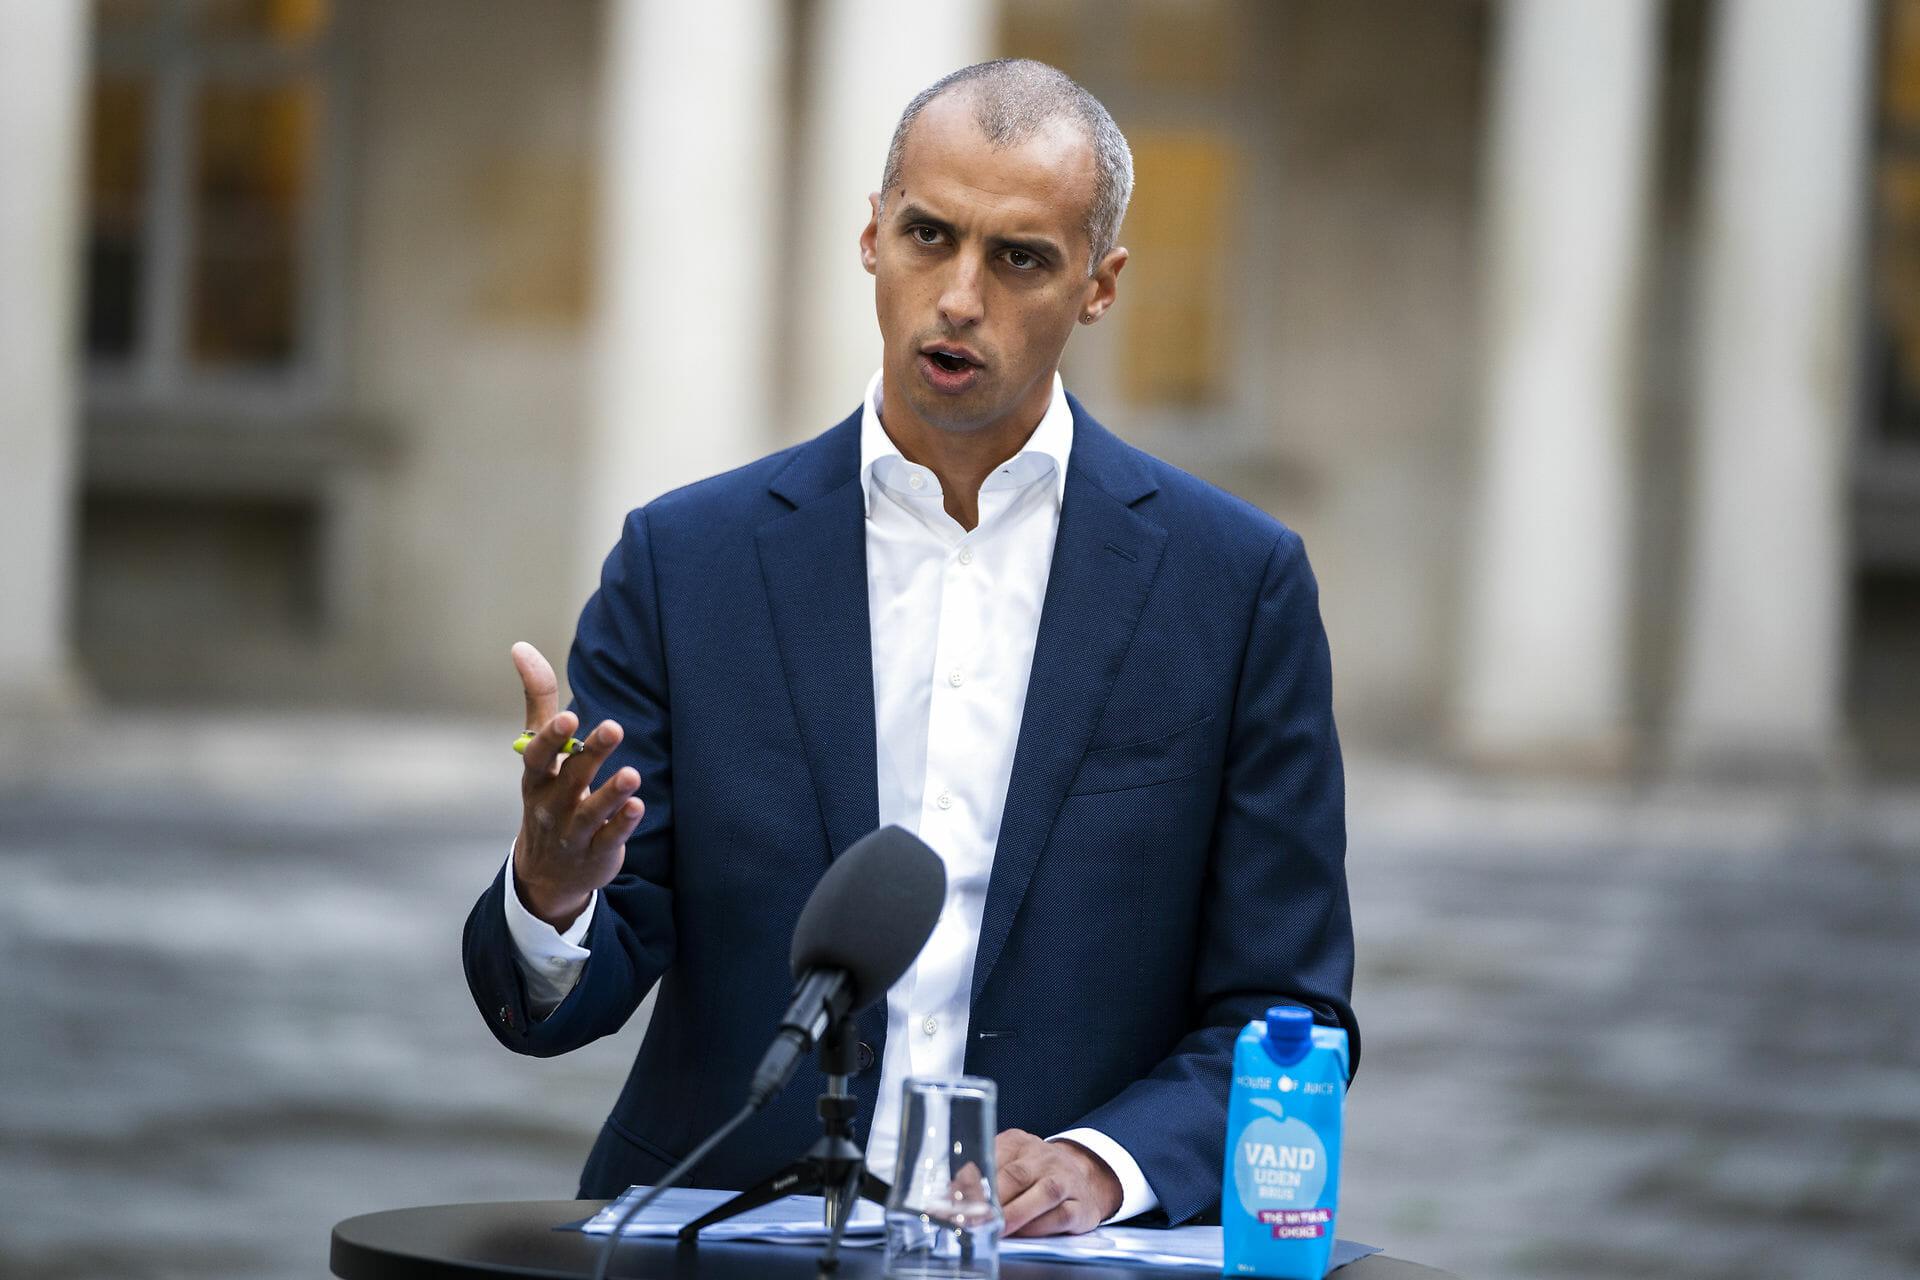 Dømte skal som udgangspunkt ikke kunne få dansk statsborgerskab